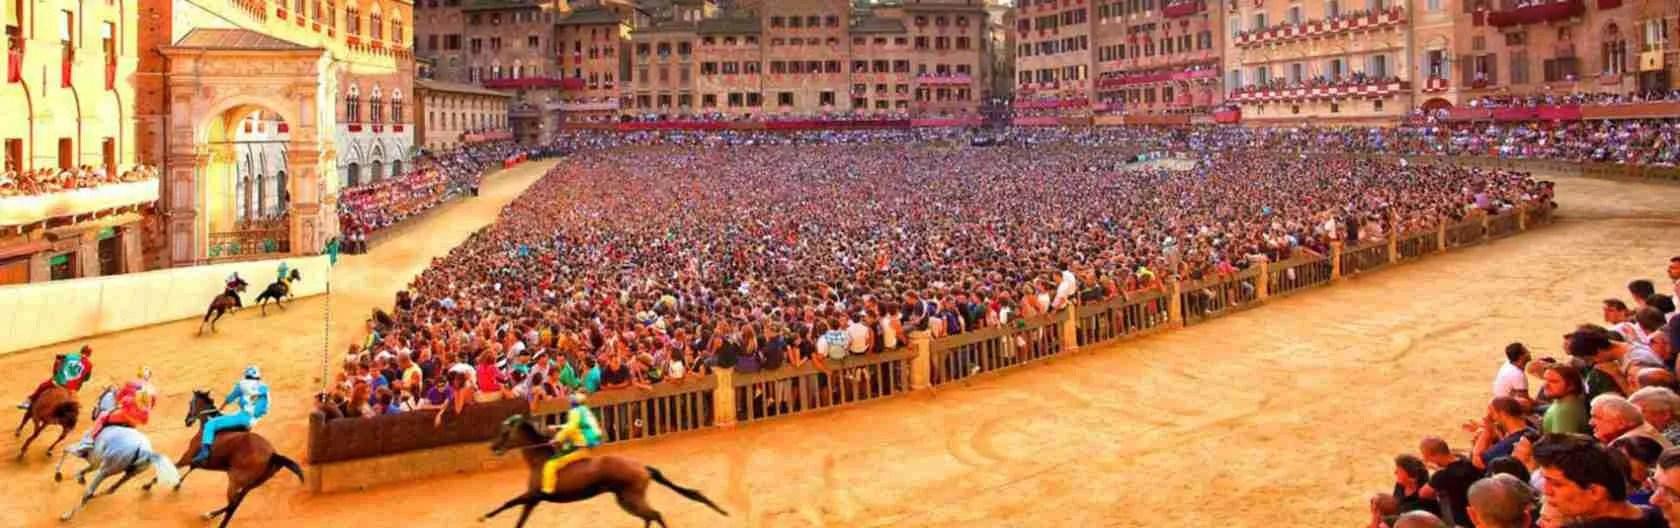 Le escort Siena amano l'eccitazione e l'adrenalina del Palio di Siena.